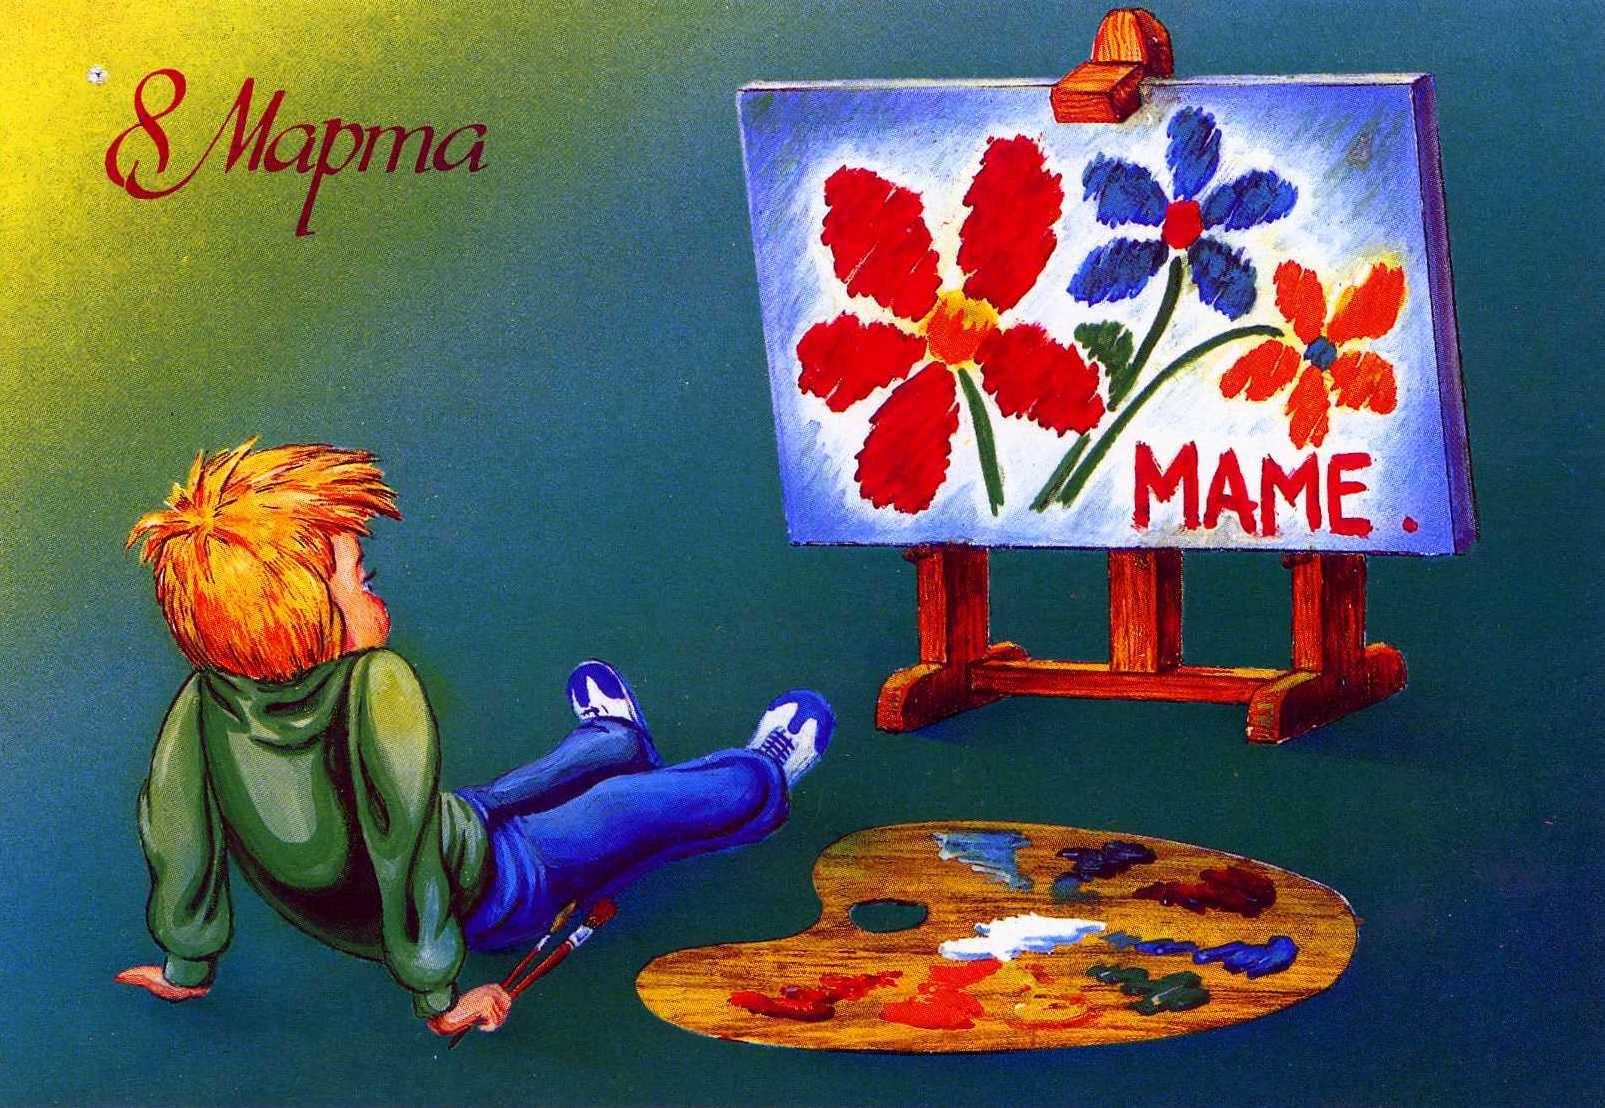 8 Марта - история праздника. Подарки и поздравления на 8 Марта для любимых.